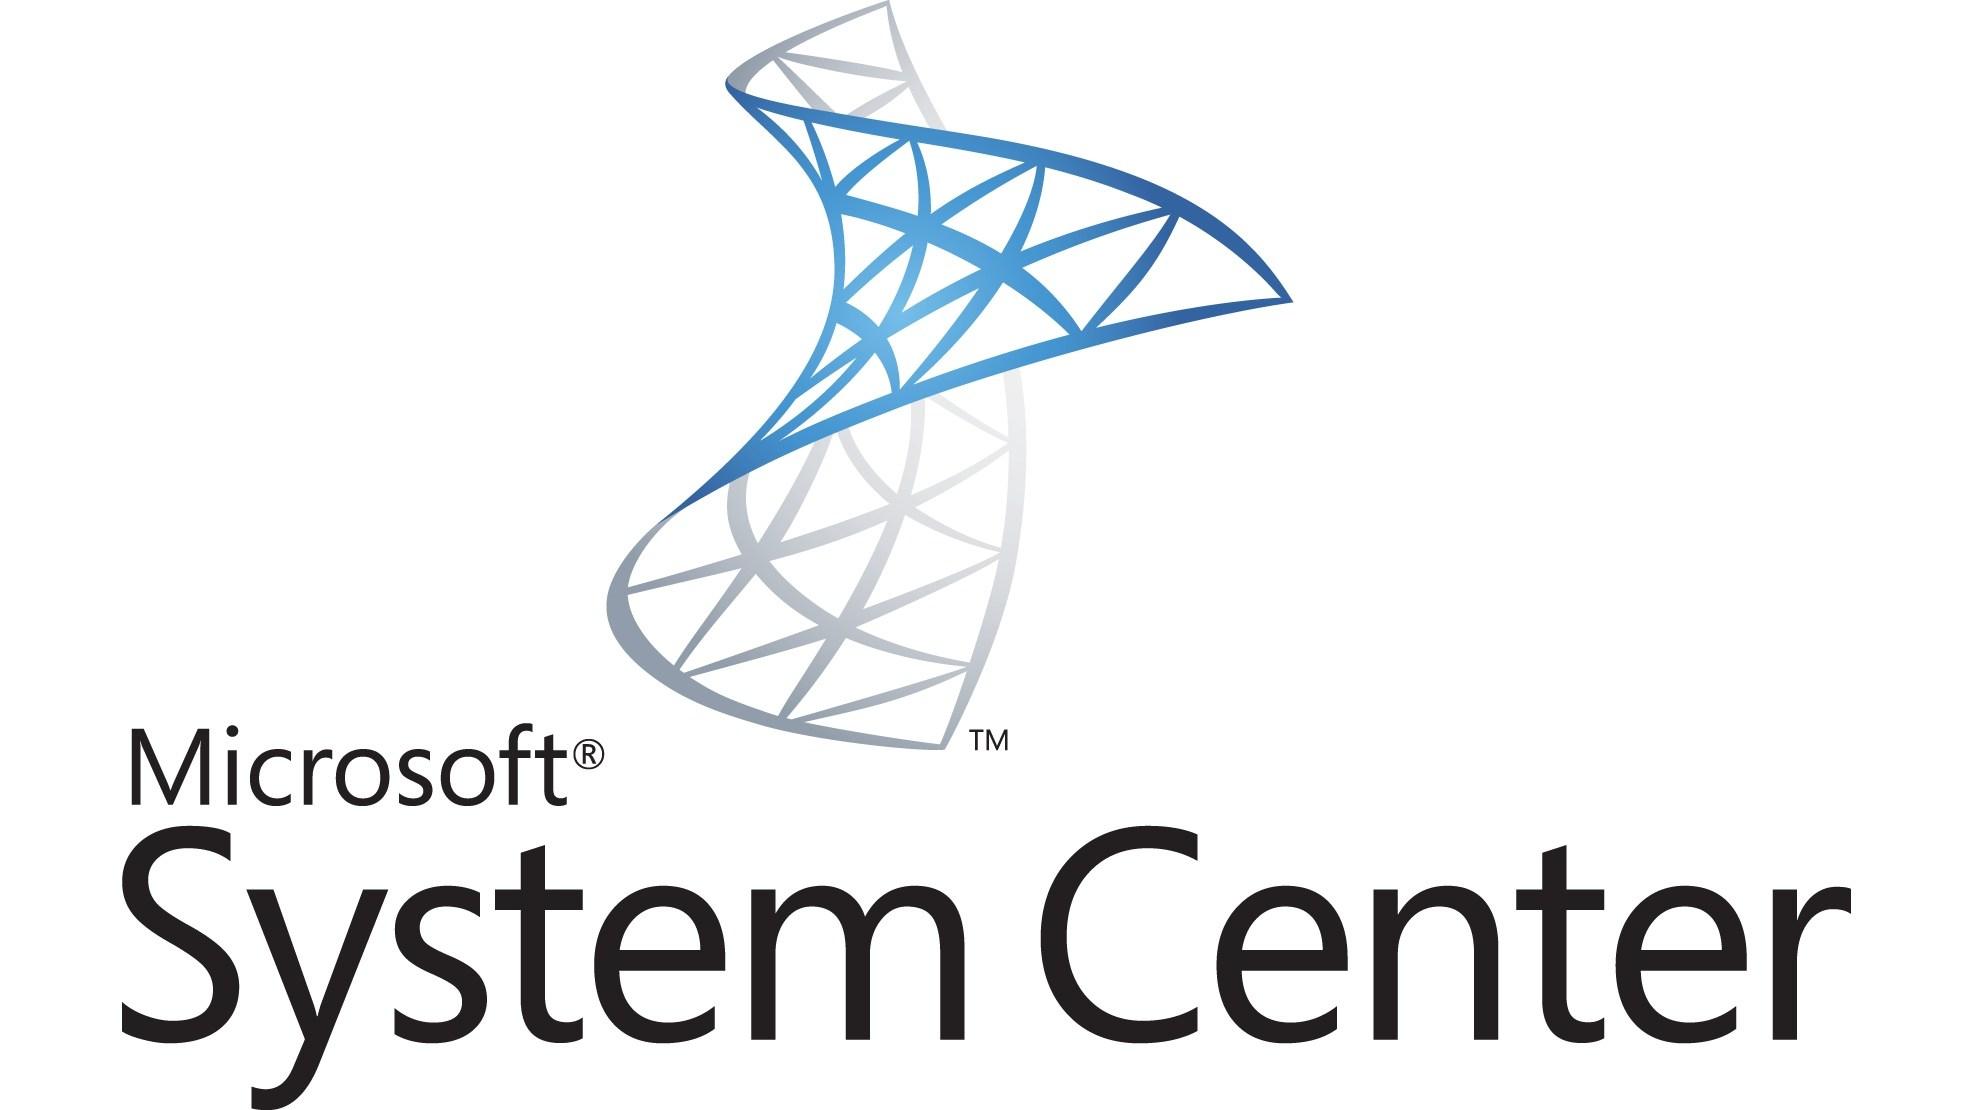 SystemCenter_logo.jpg